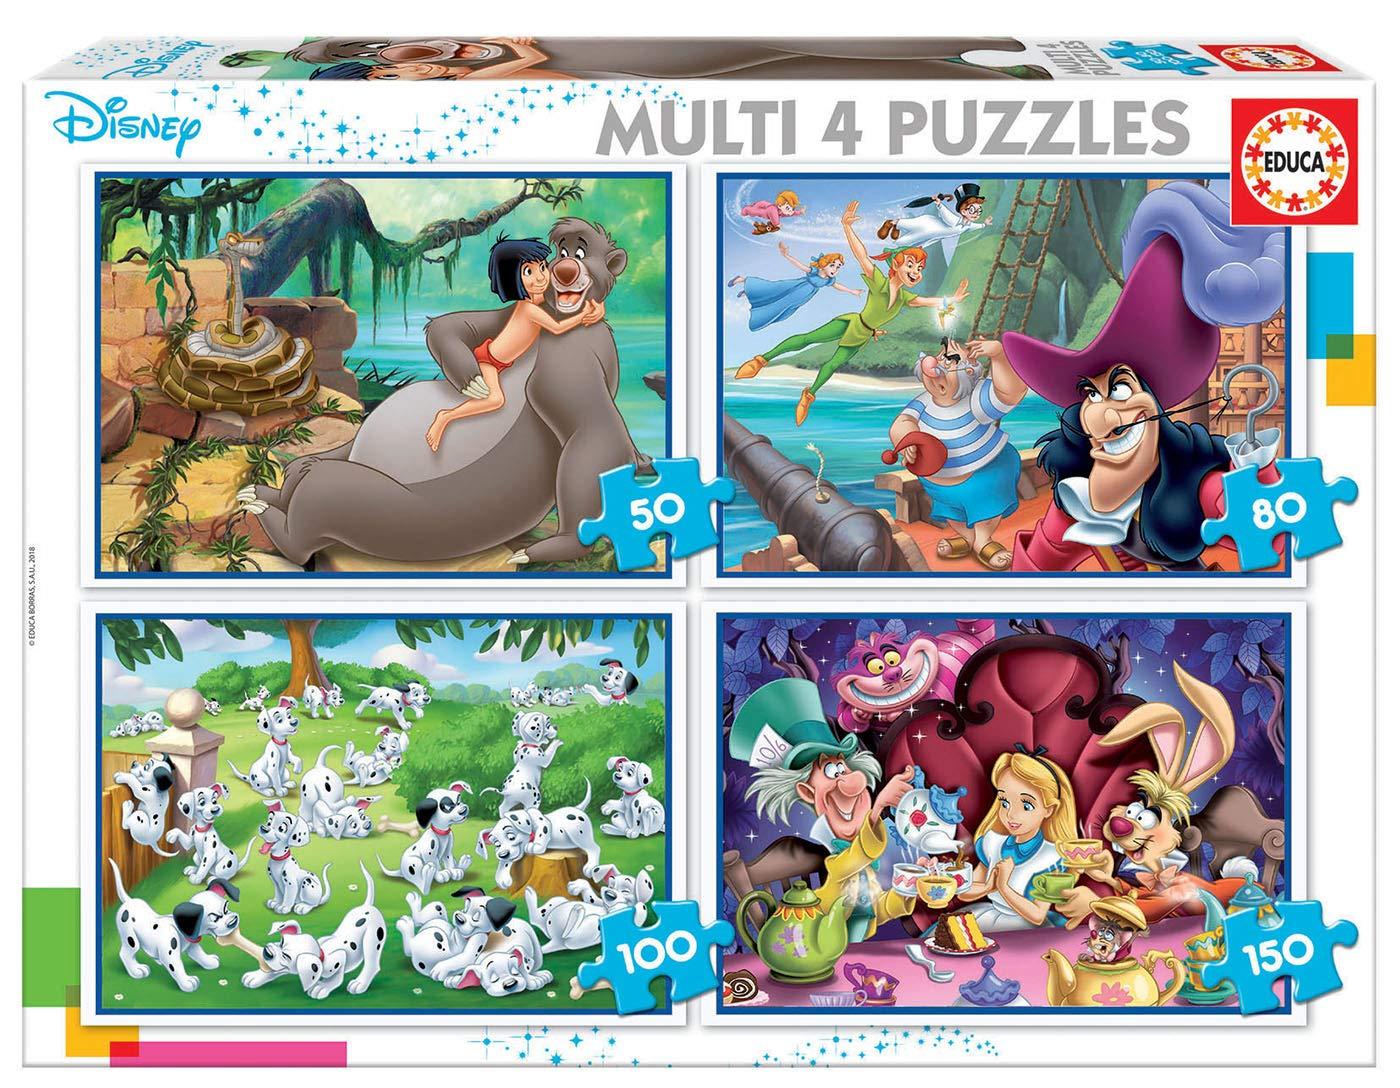 Educa - Multi 4 Puzzles Junior, puzzle infantil Clásicos Disney: Aladdin, Jungle Book, Alicia, Peter Pan de 50,80,100 y 150 piezas, a partir de 5 años (18105): Amazon.es: Juguetes y juegos